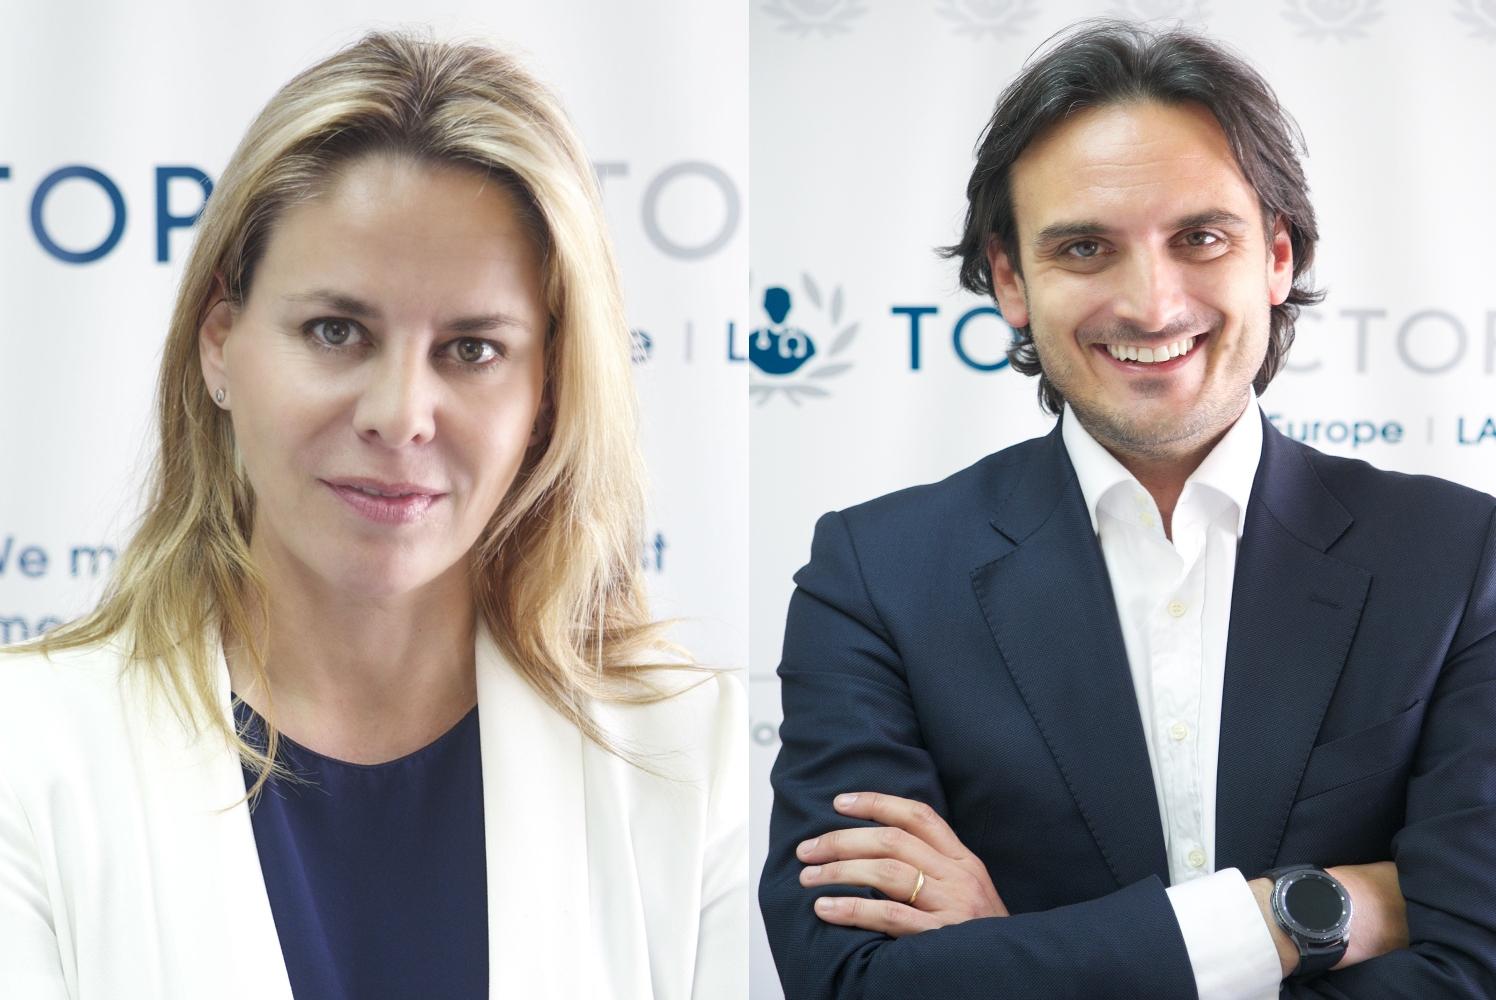 Top Doctors cierra una ronda de 11,2M€